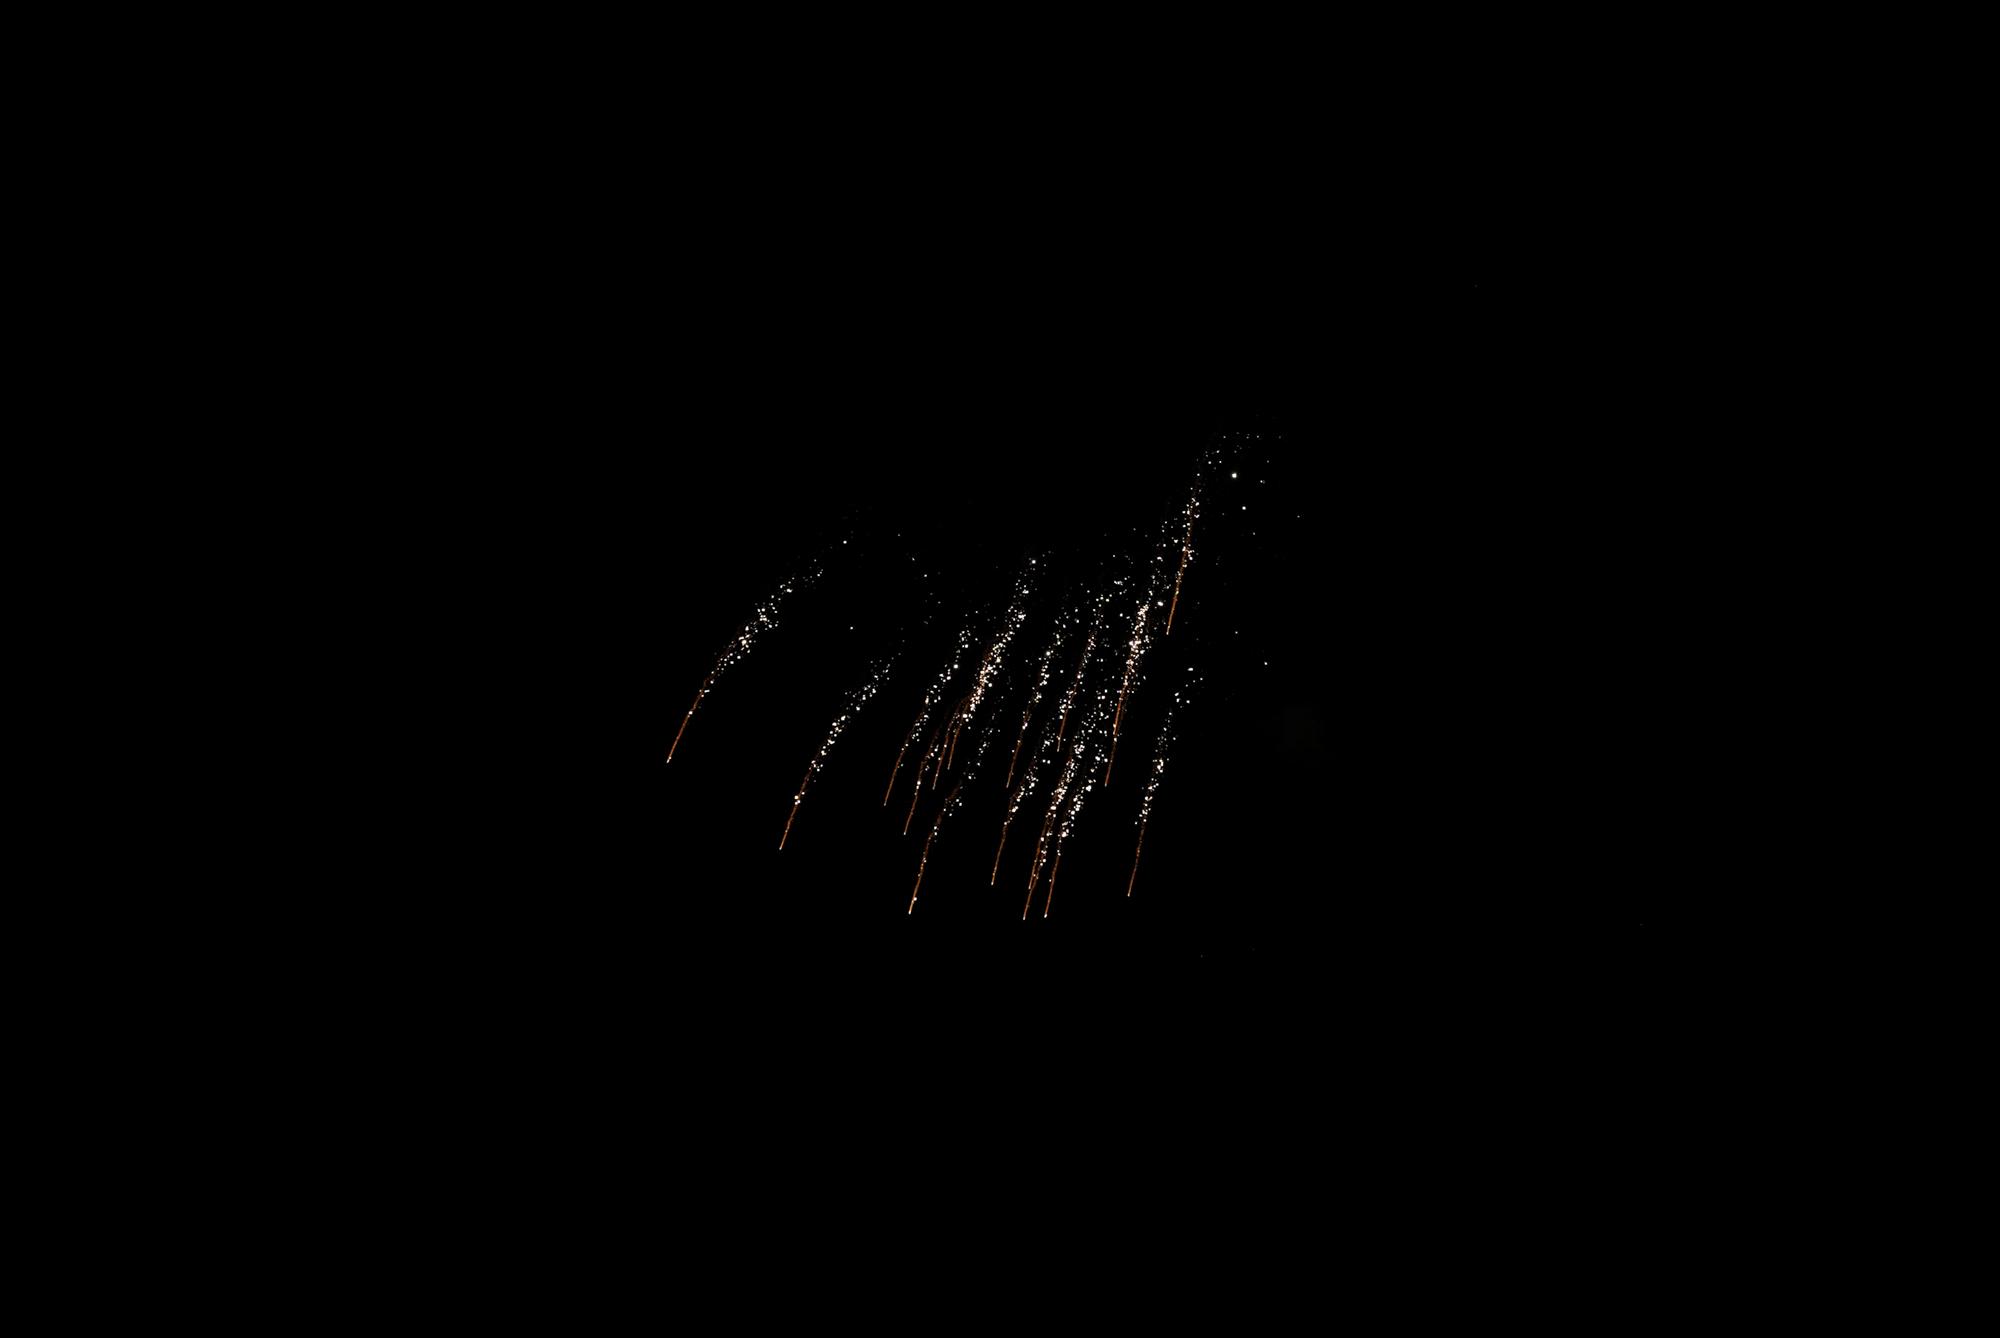 CaballeroCosmica-Veranos-de-la-villa-Fuegos-Artificiales-20.jpg